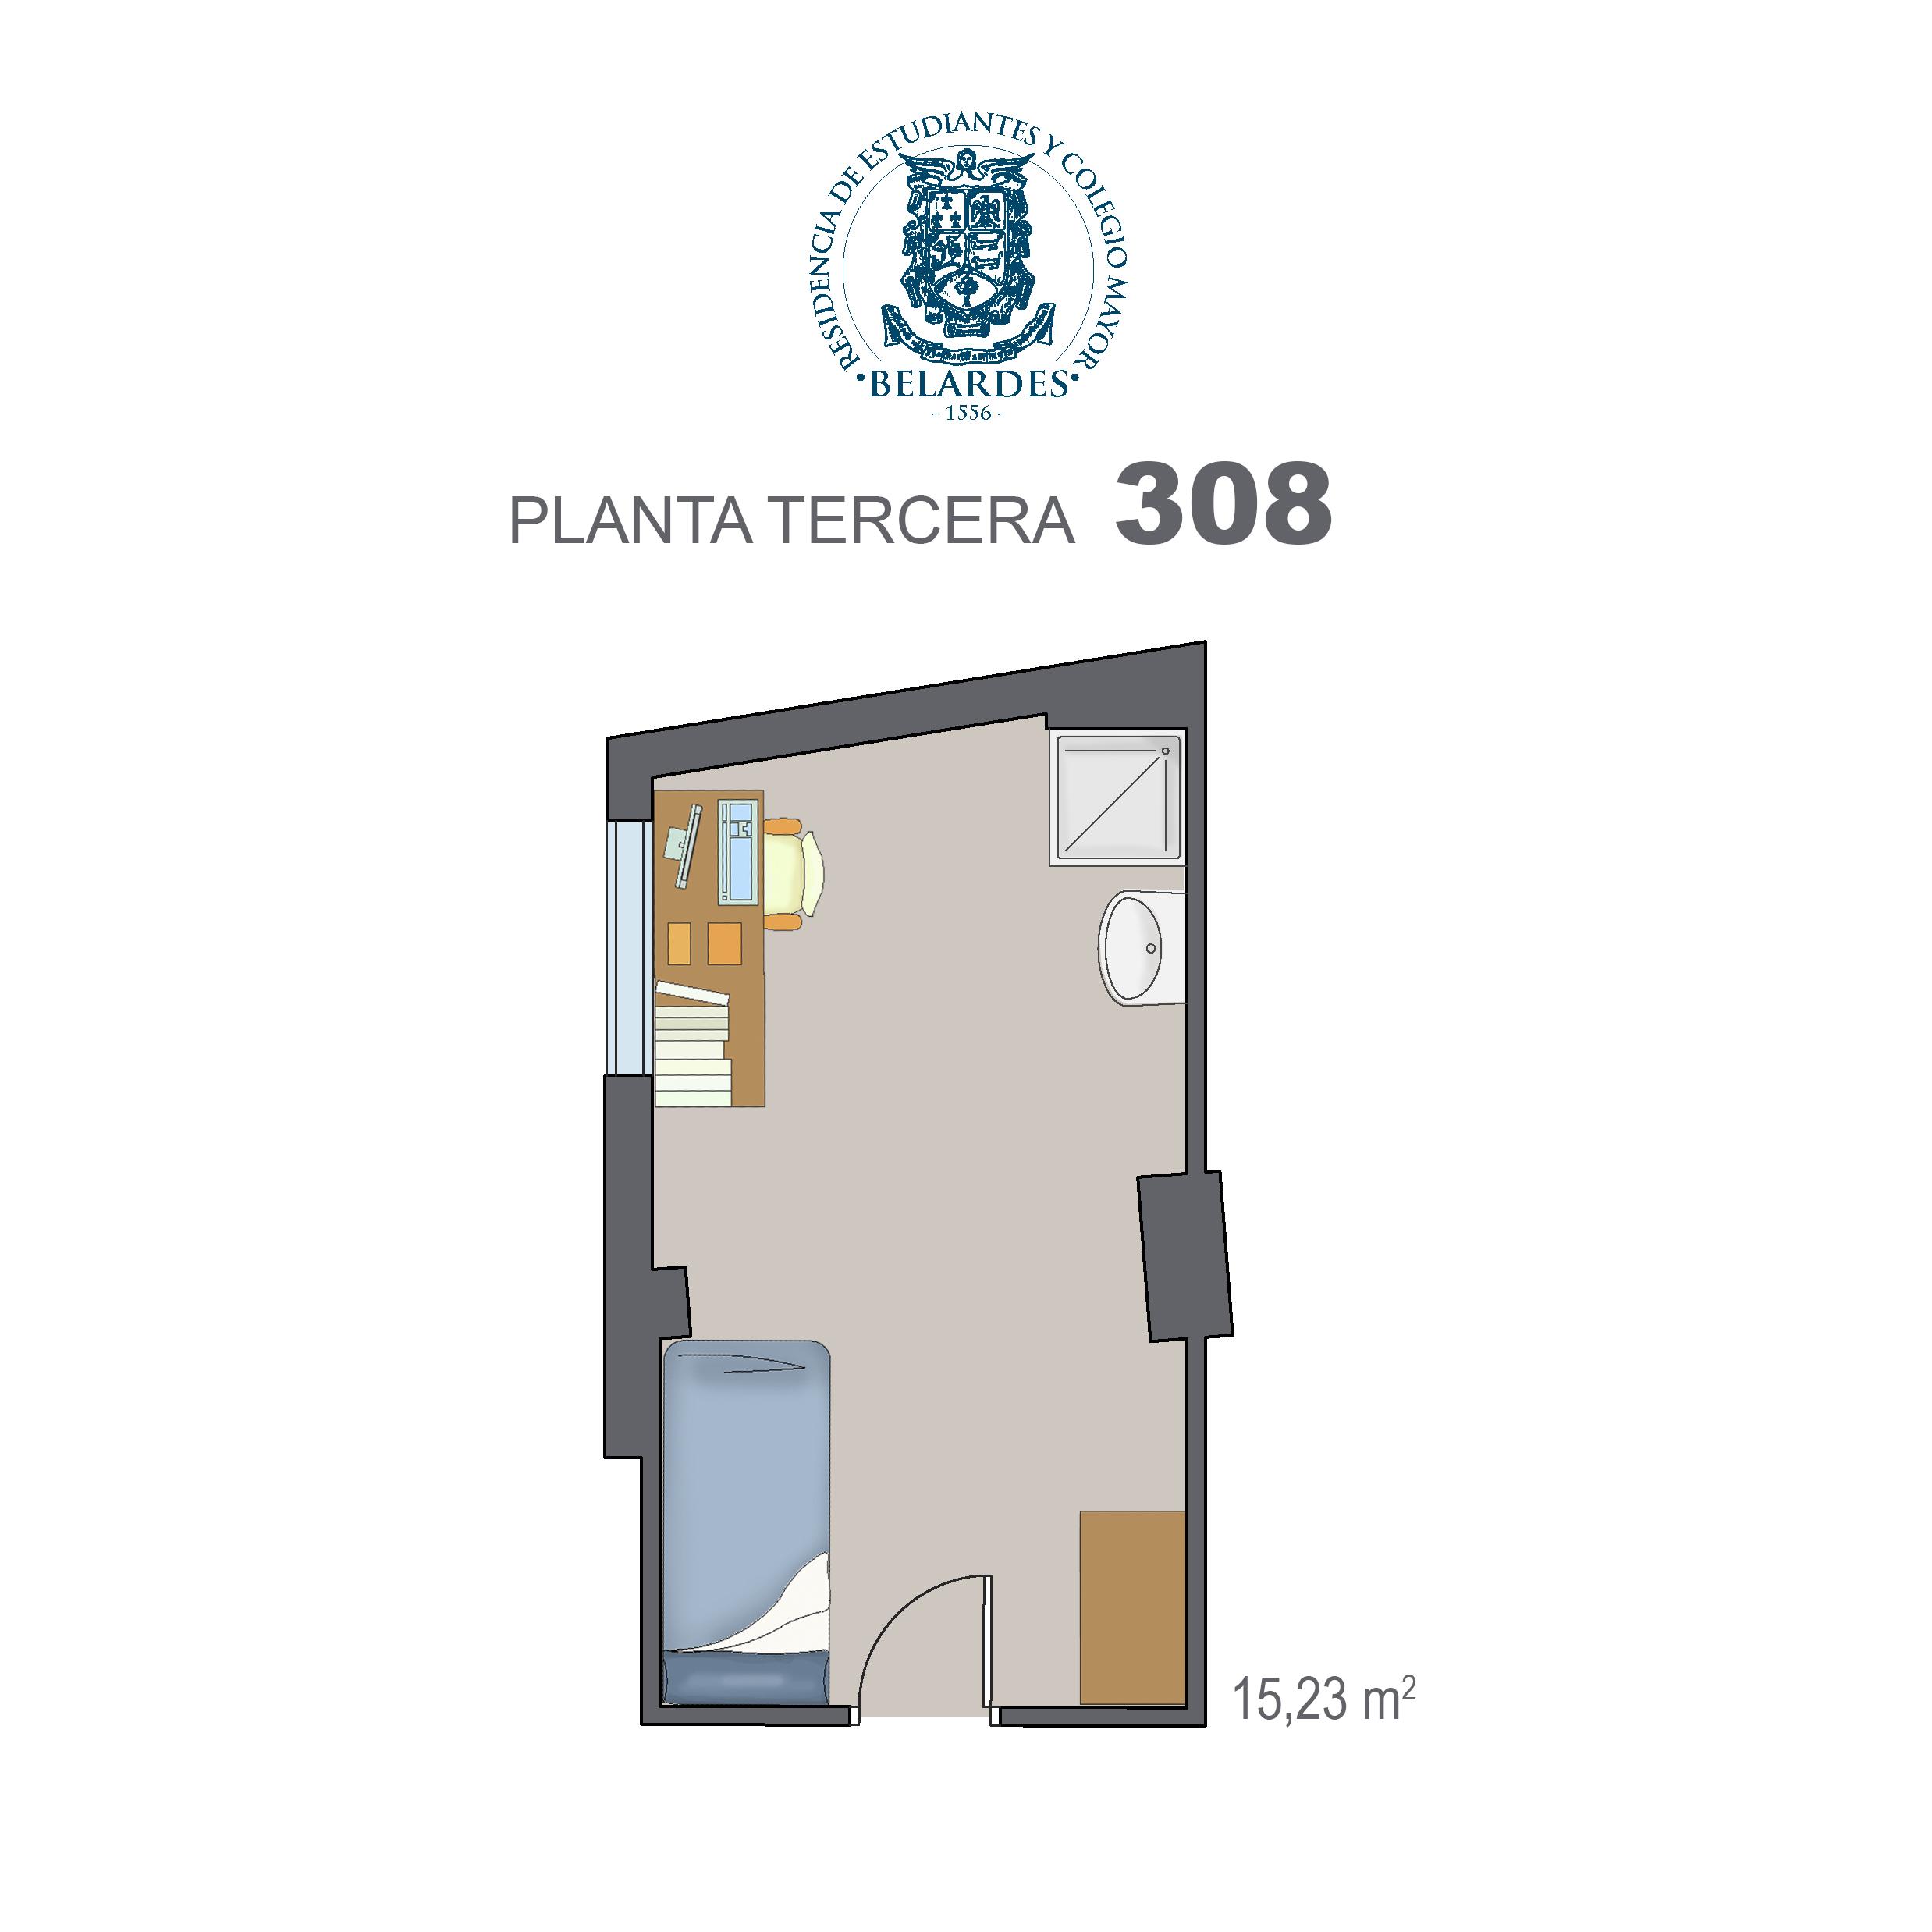 tercera 308